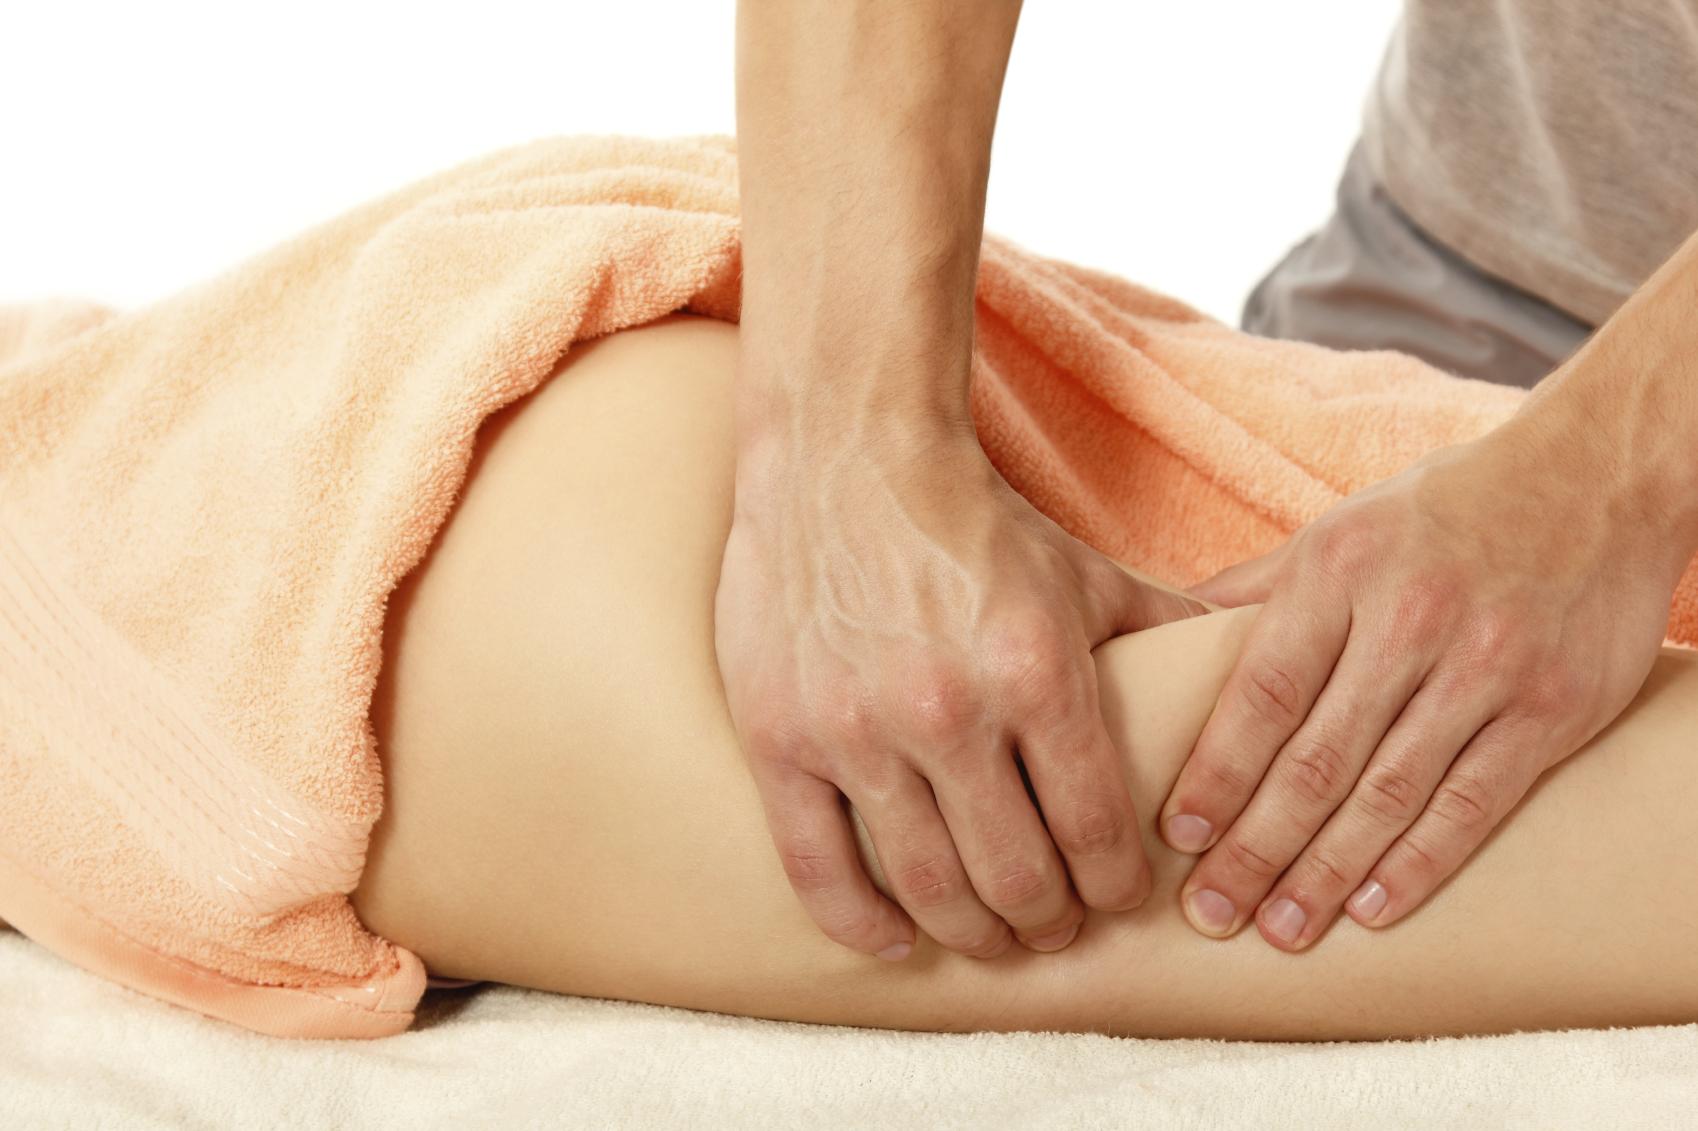 Emésztési zavar - Ismerje meg a tüneteket és a kezelési módokat